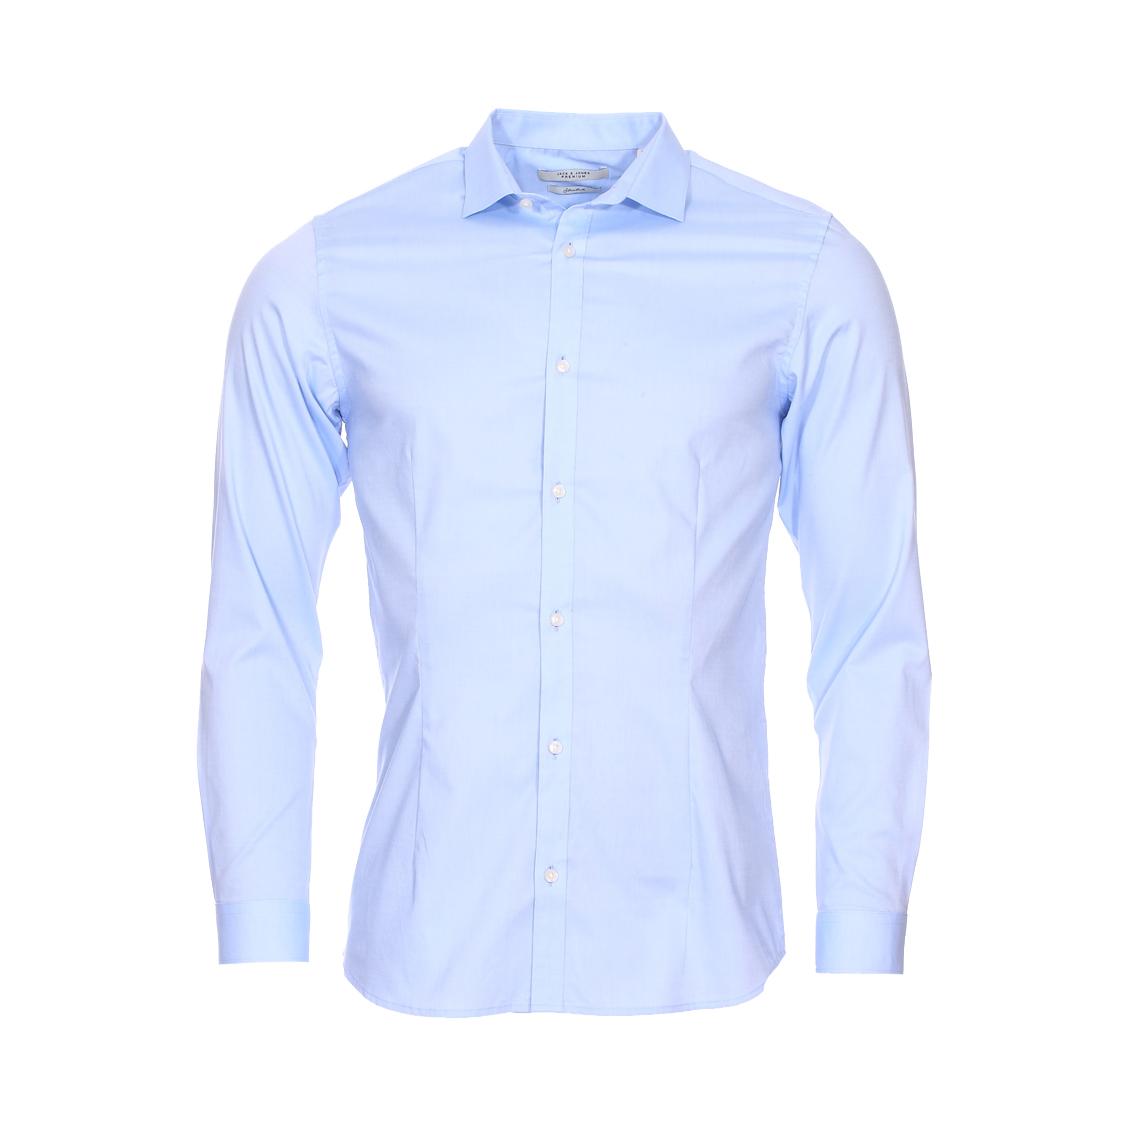 Chemise cintrée  premium parma en coton stretch bleu ciel